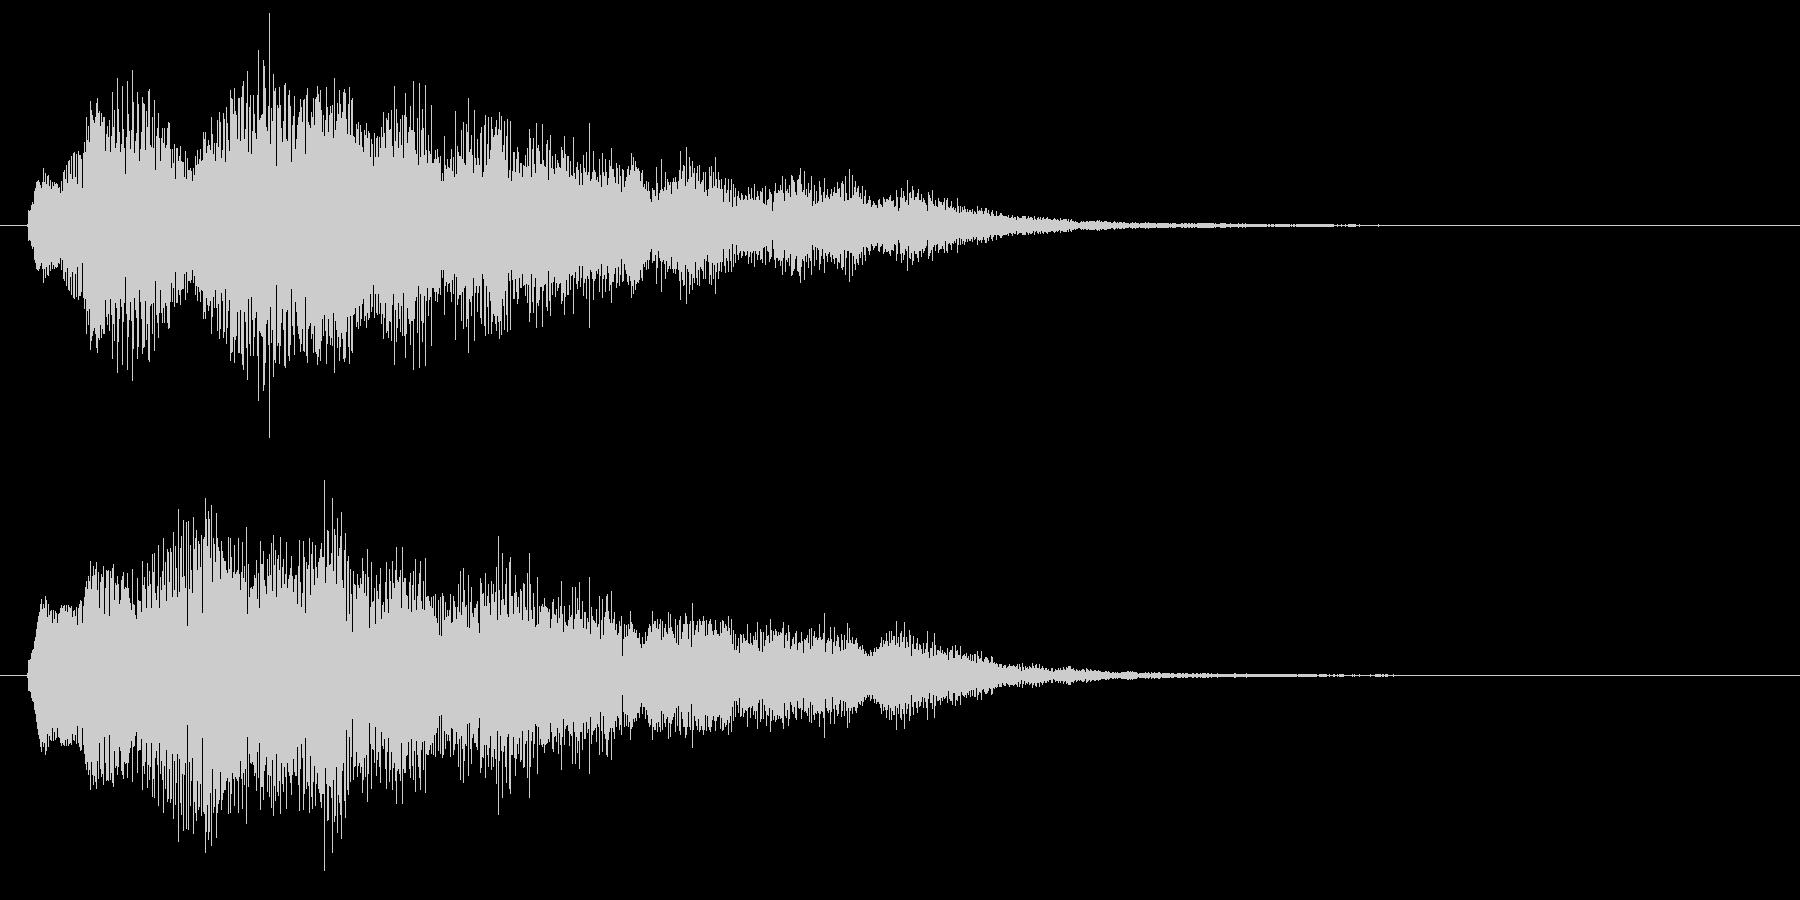 古いパソコンの起動音風ジングル3の未再生の波形